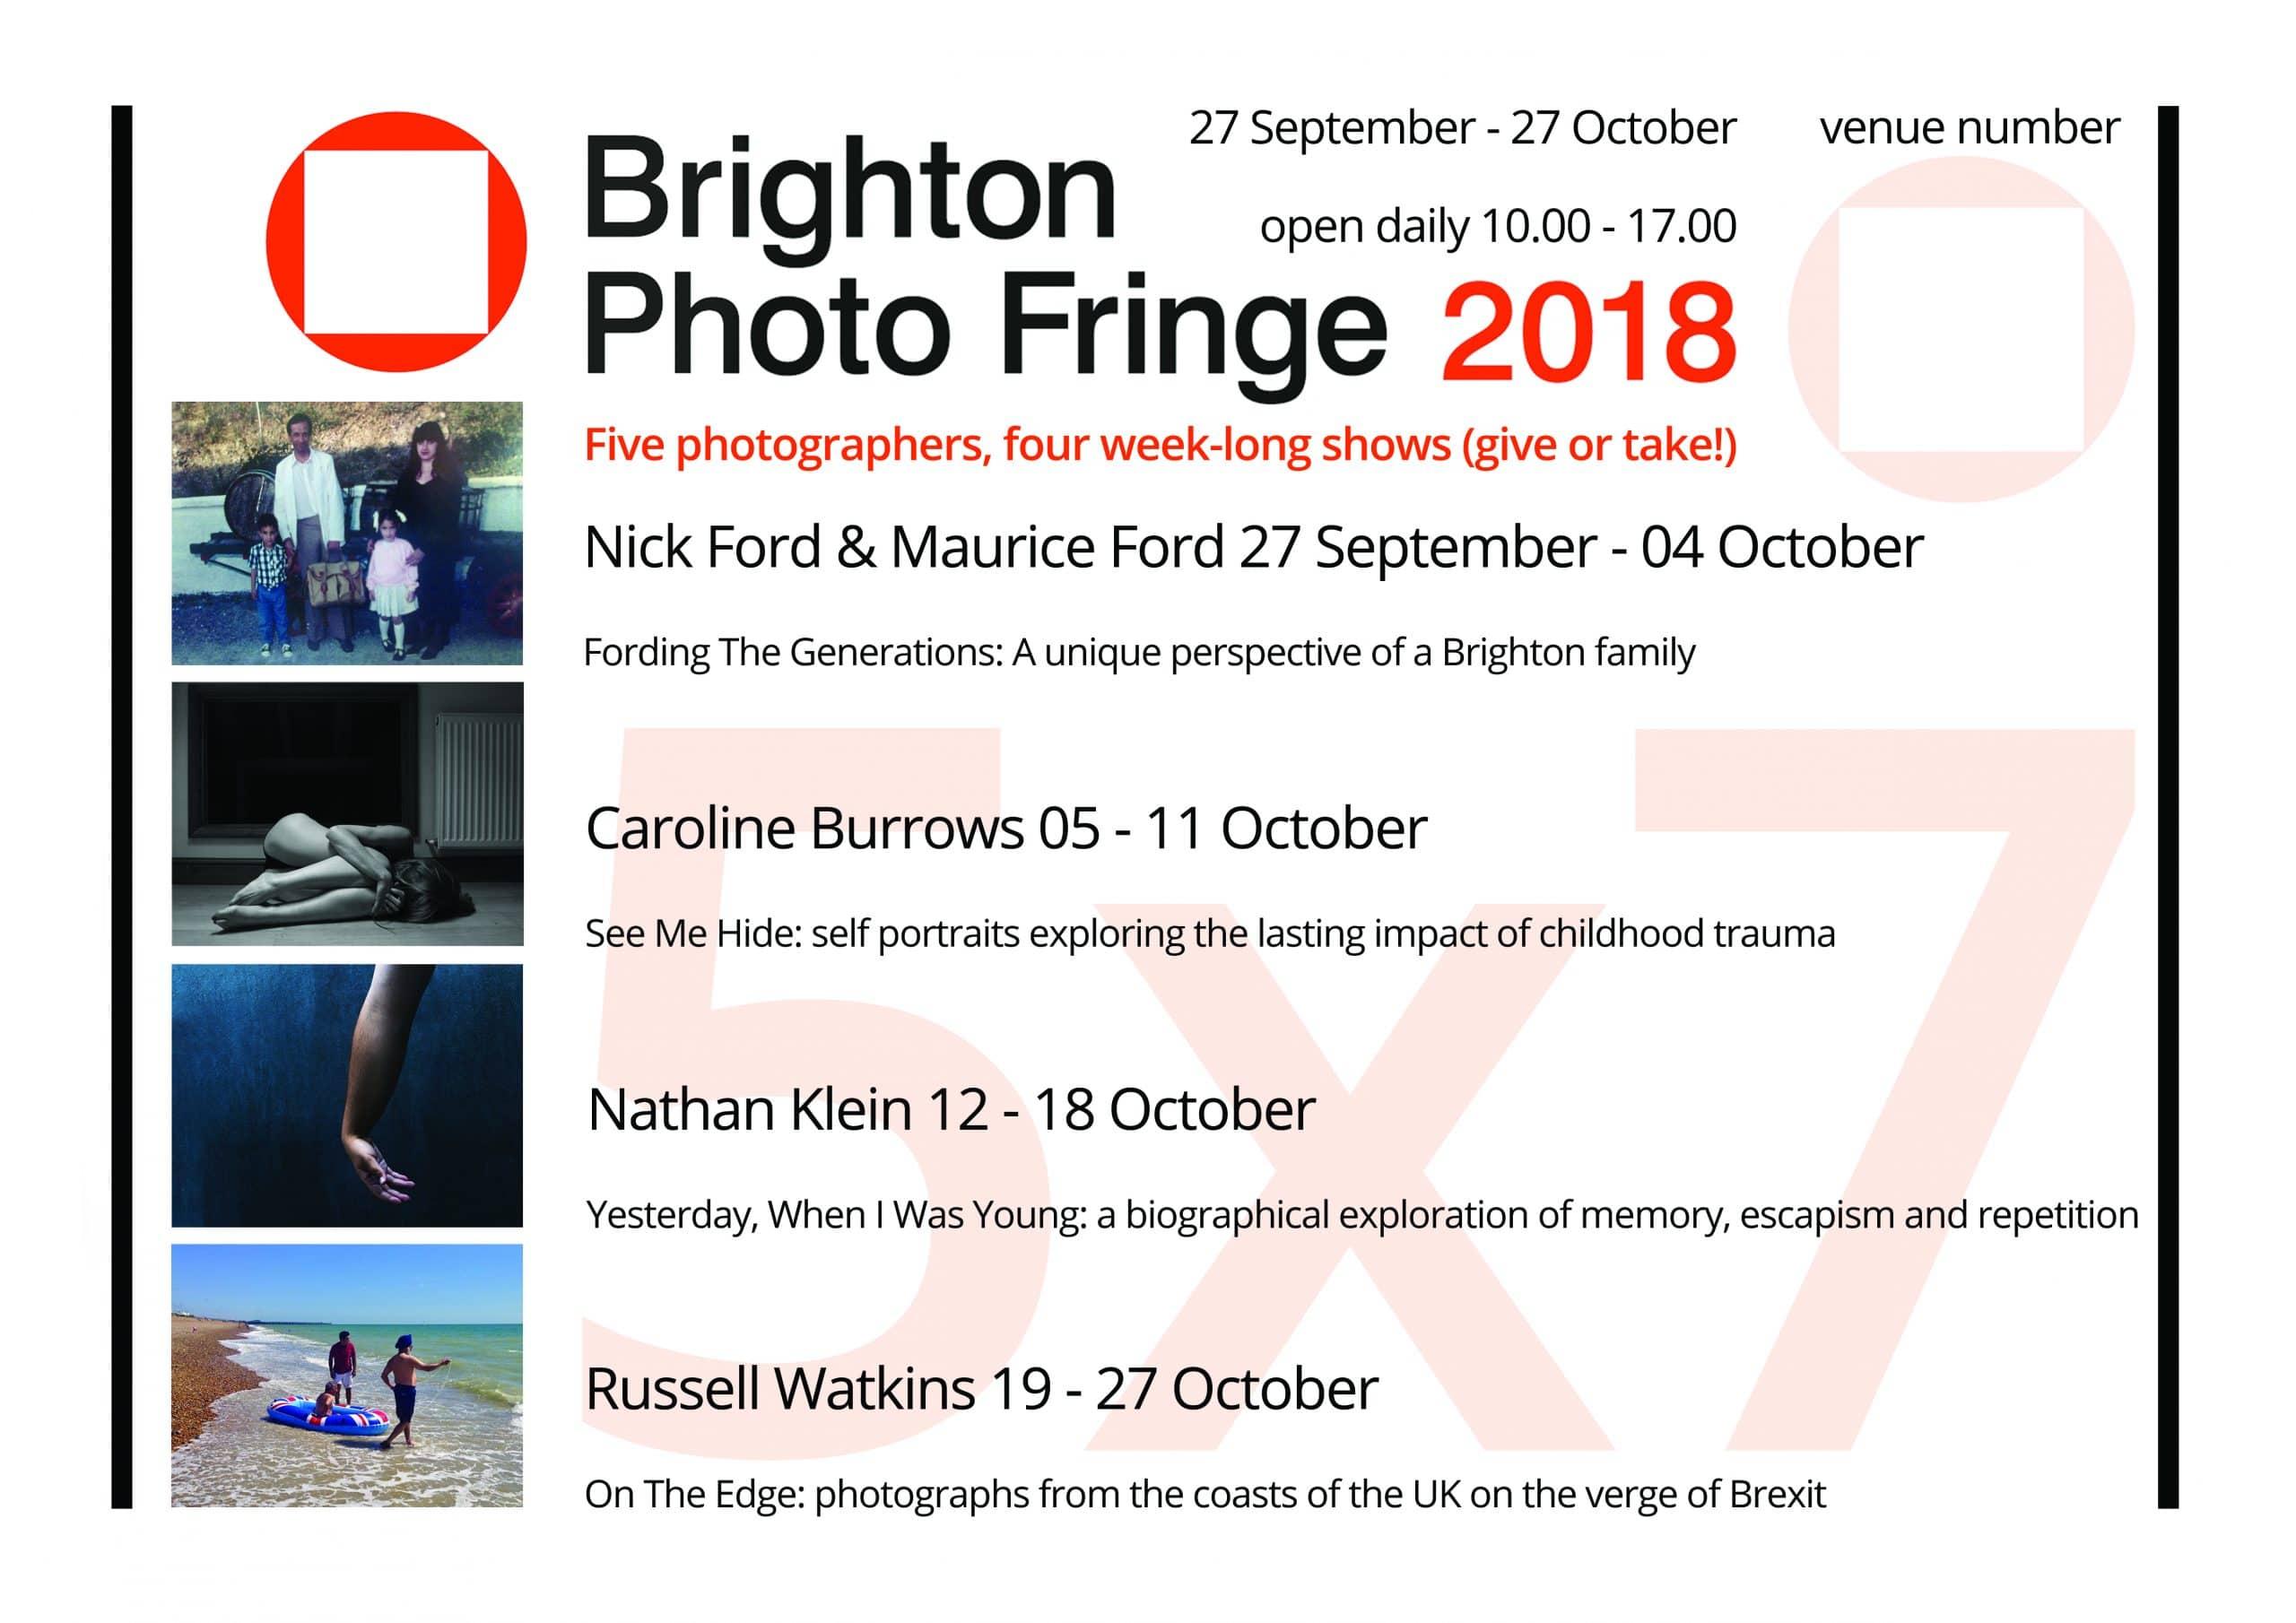 Brighton Photo Fringe 2018